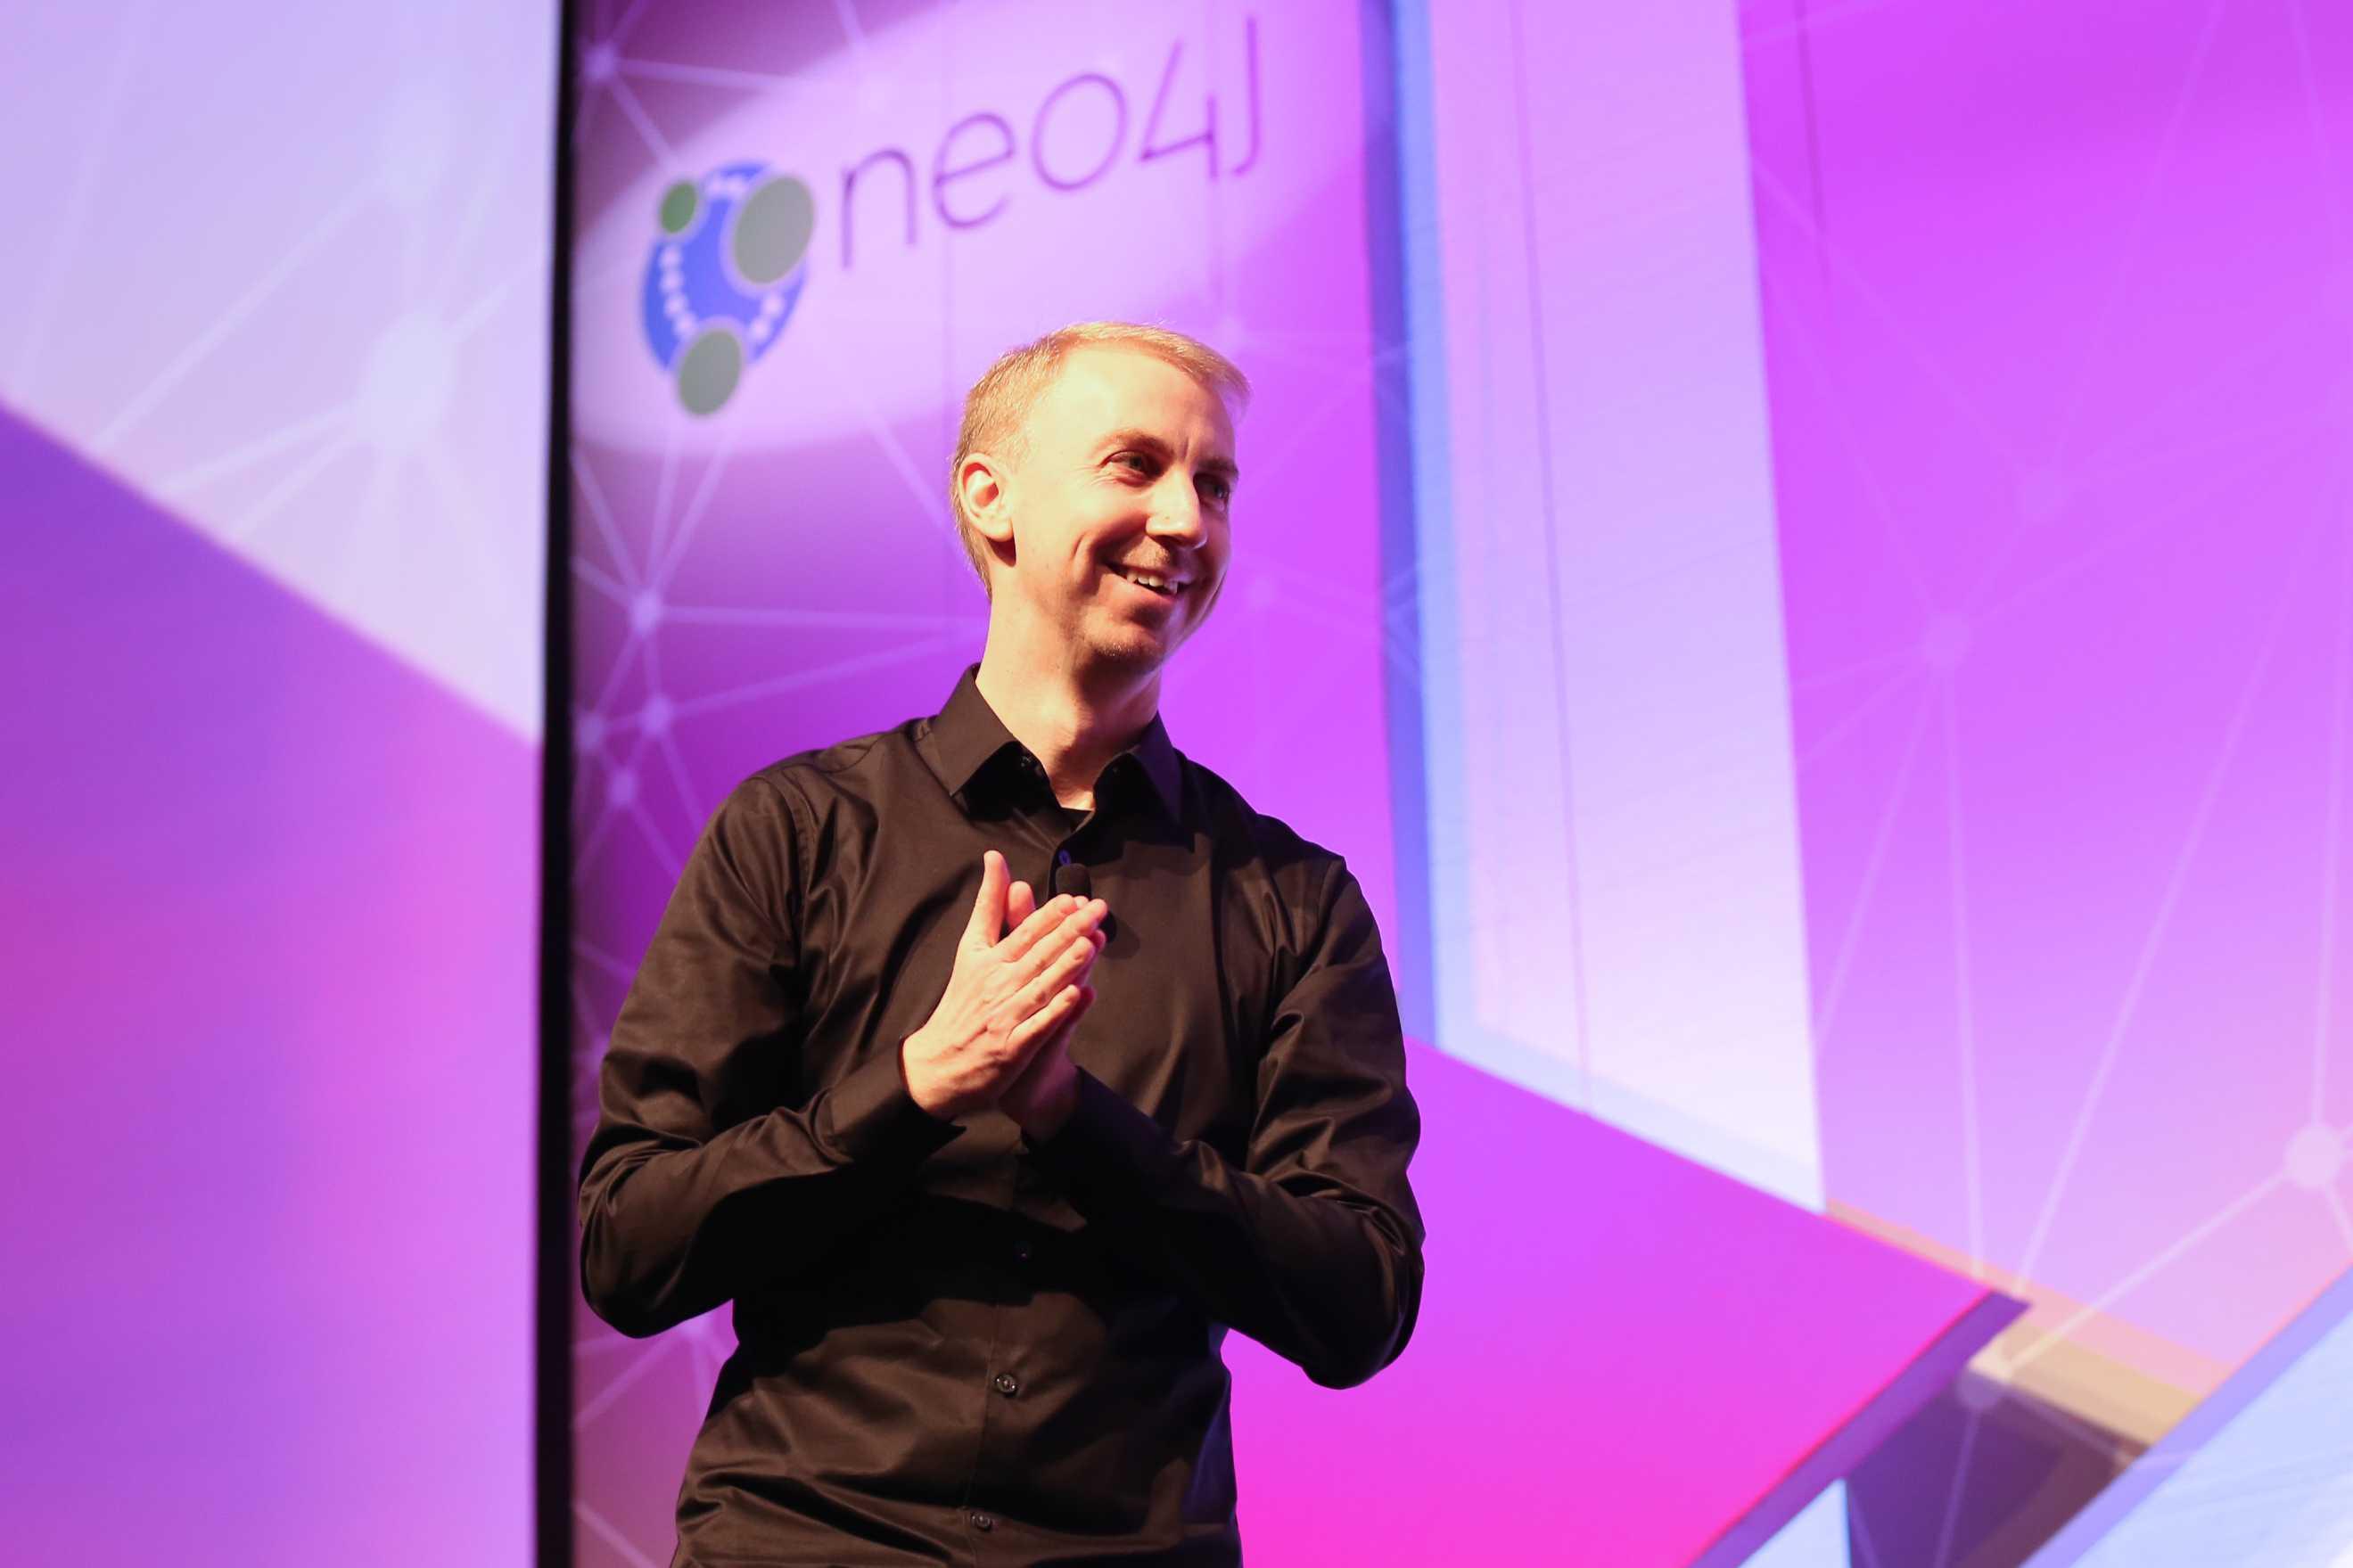 Neo4j mit Rekordjahr: Wachstum bei Kunden, Community und Produkten